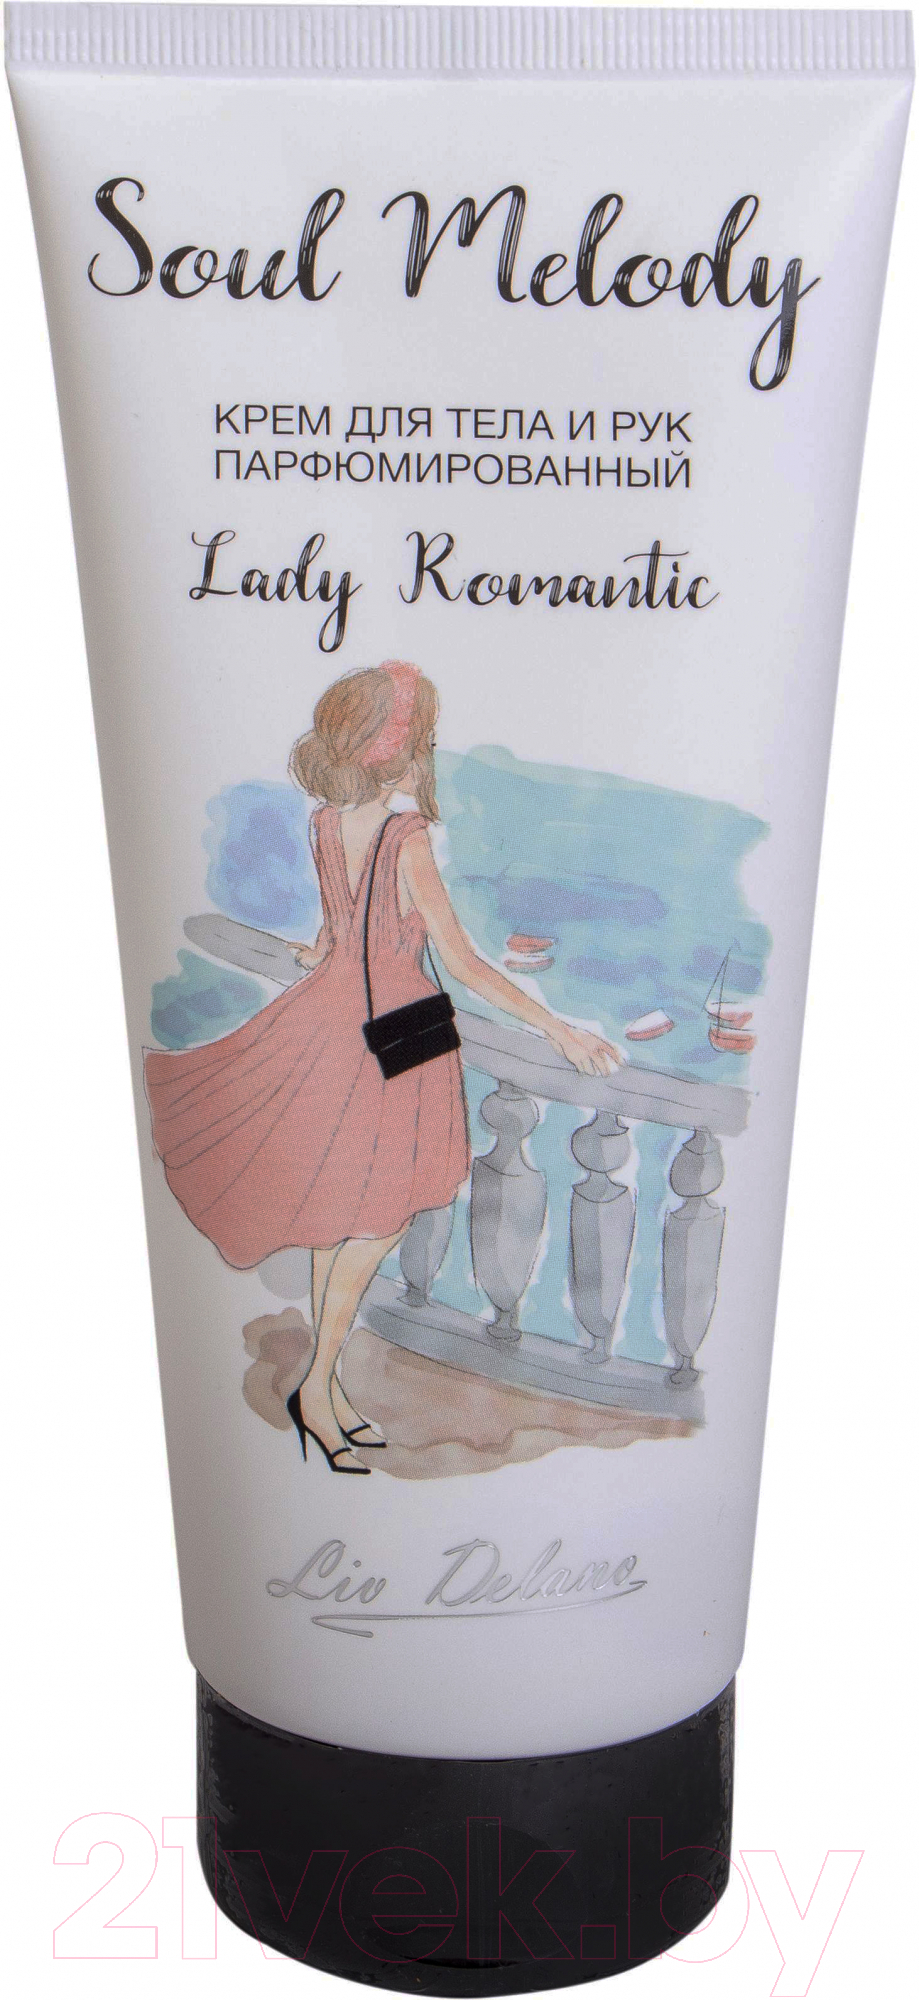 Купить Крем для тела Liv Delano, Lady Romantic парфюмированный для тела и рук (200г), Беларусь